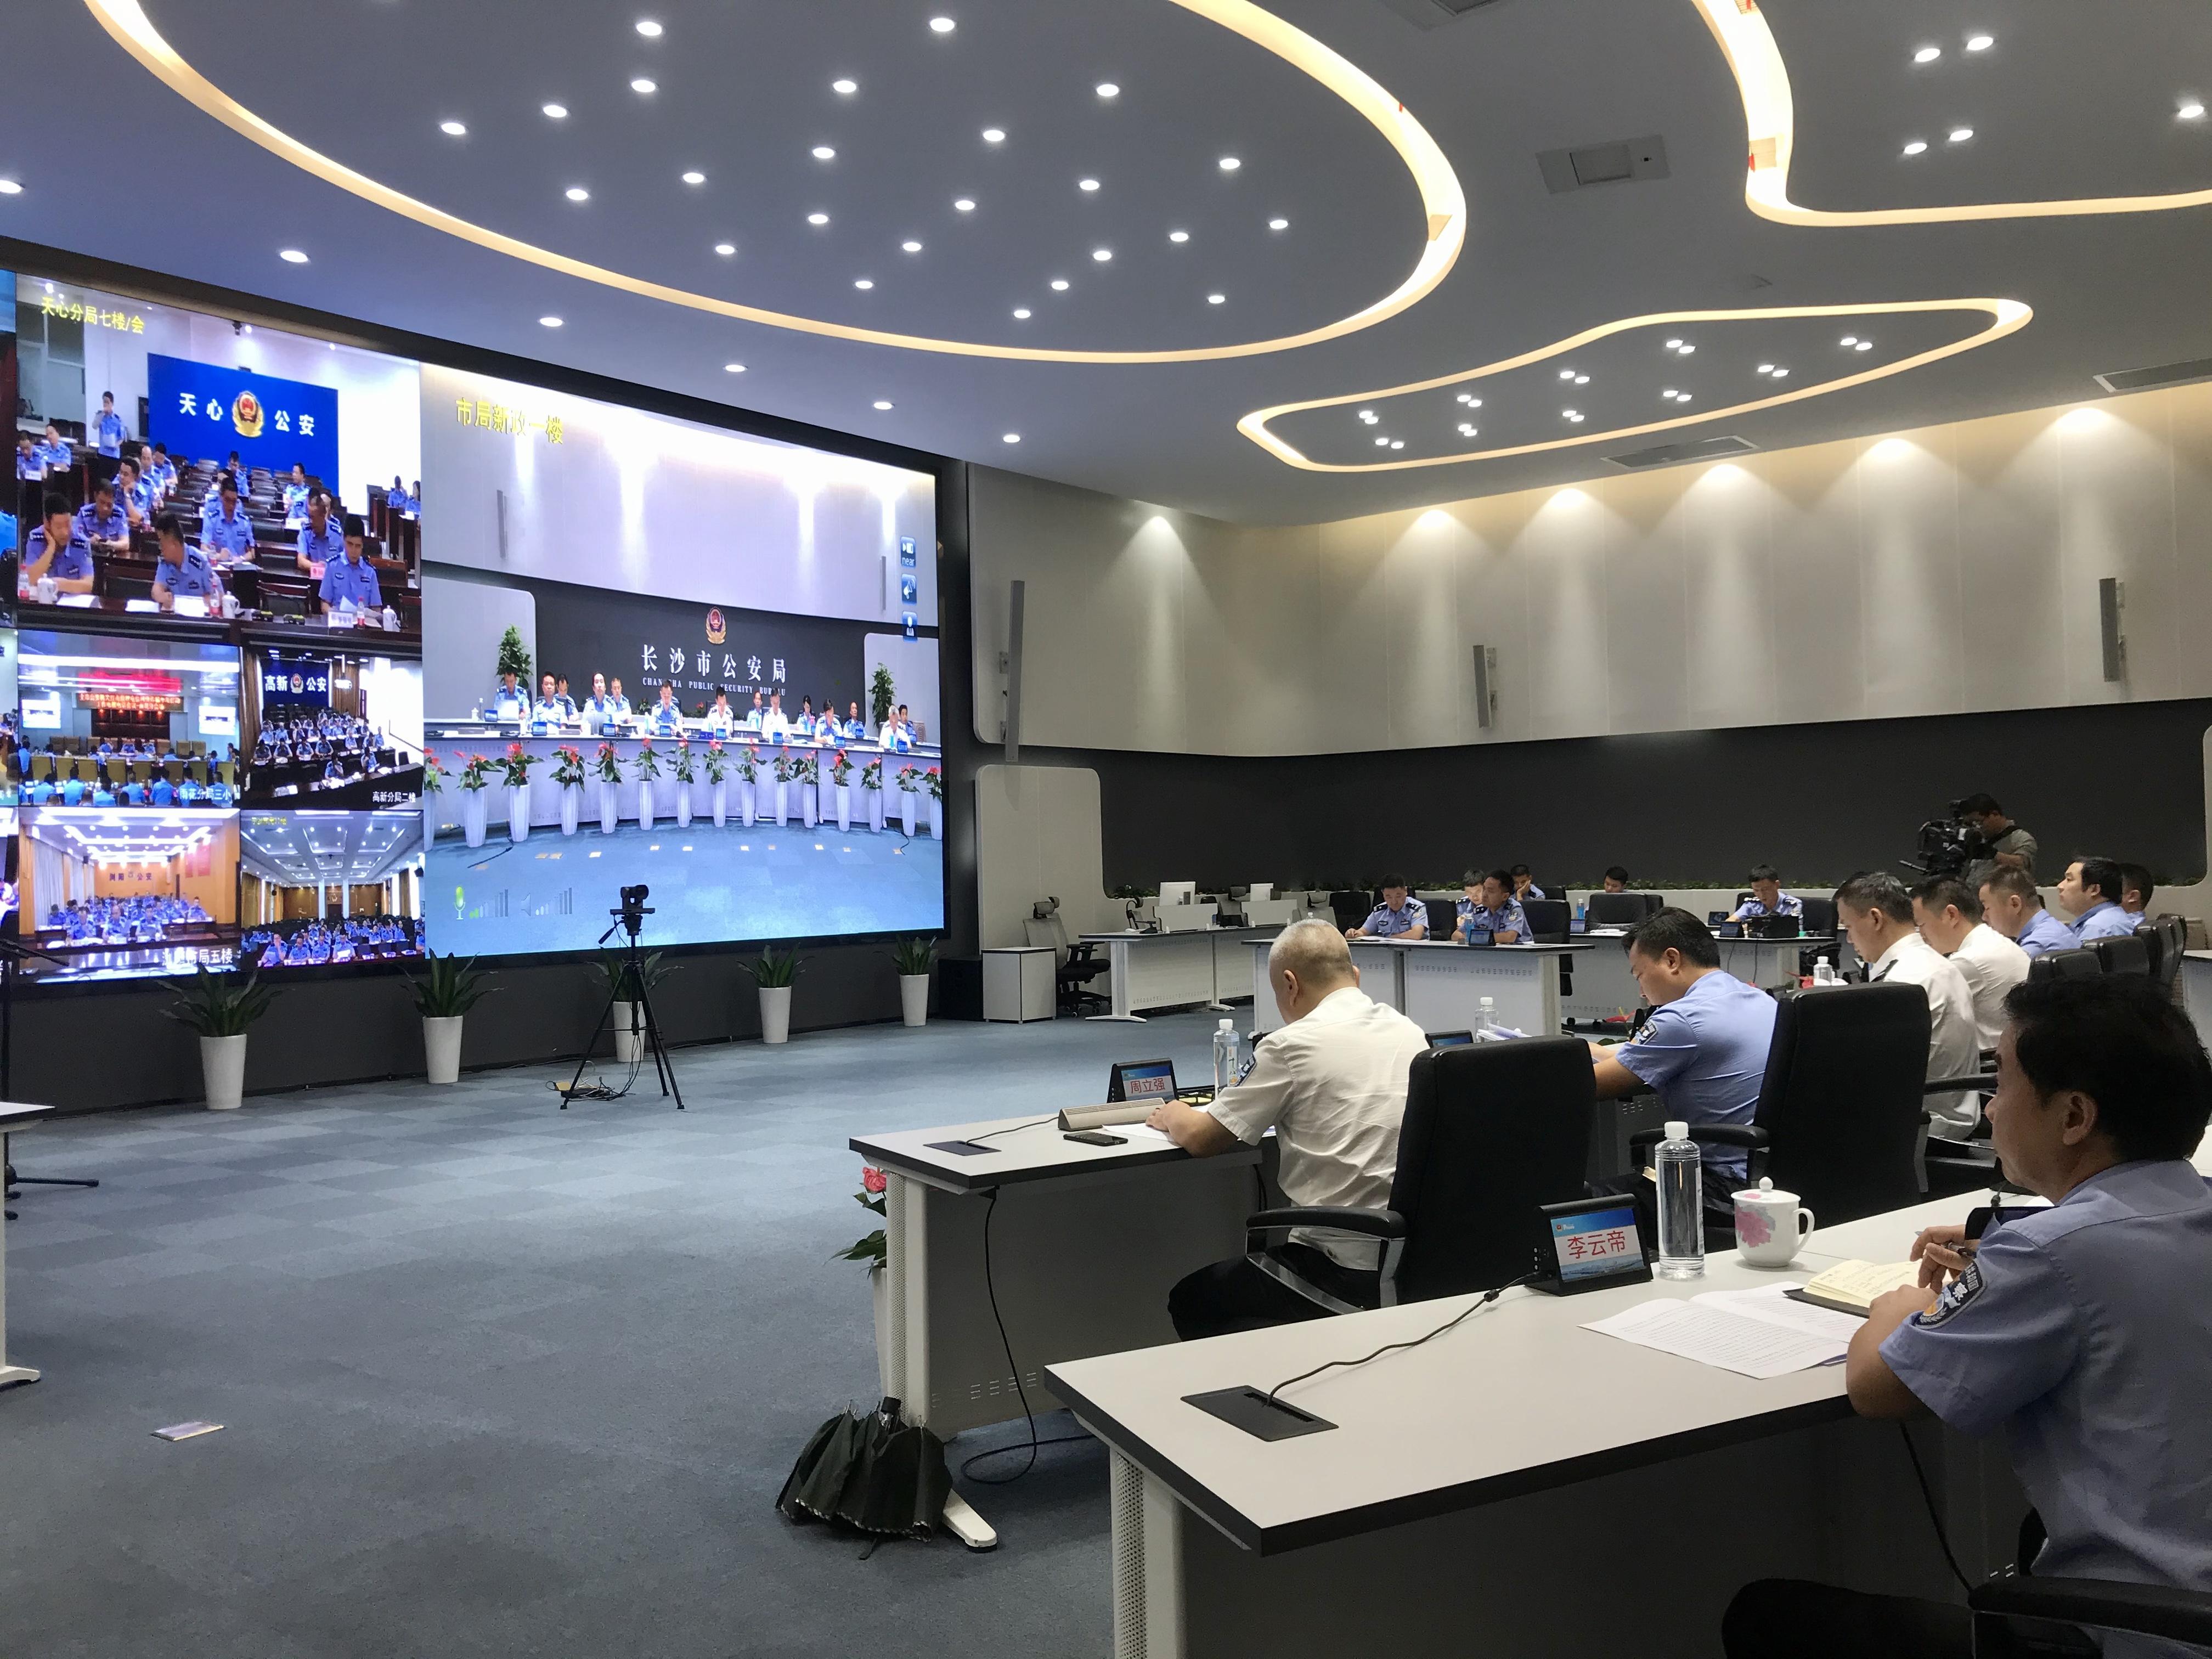 今日,长沙市公安局召开会议,部署打击治理电信网络诈骗专项行动。 长沙晚报全媒体记者 聂映荣 摄